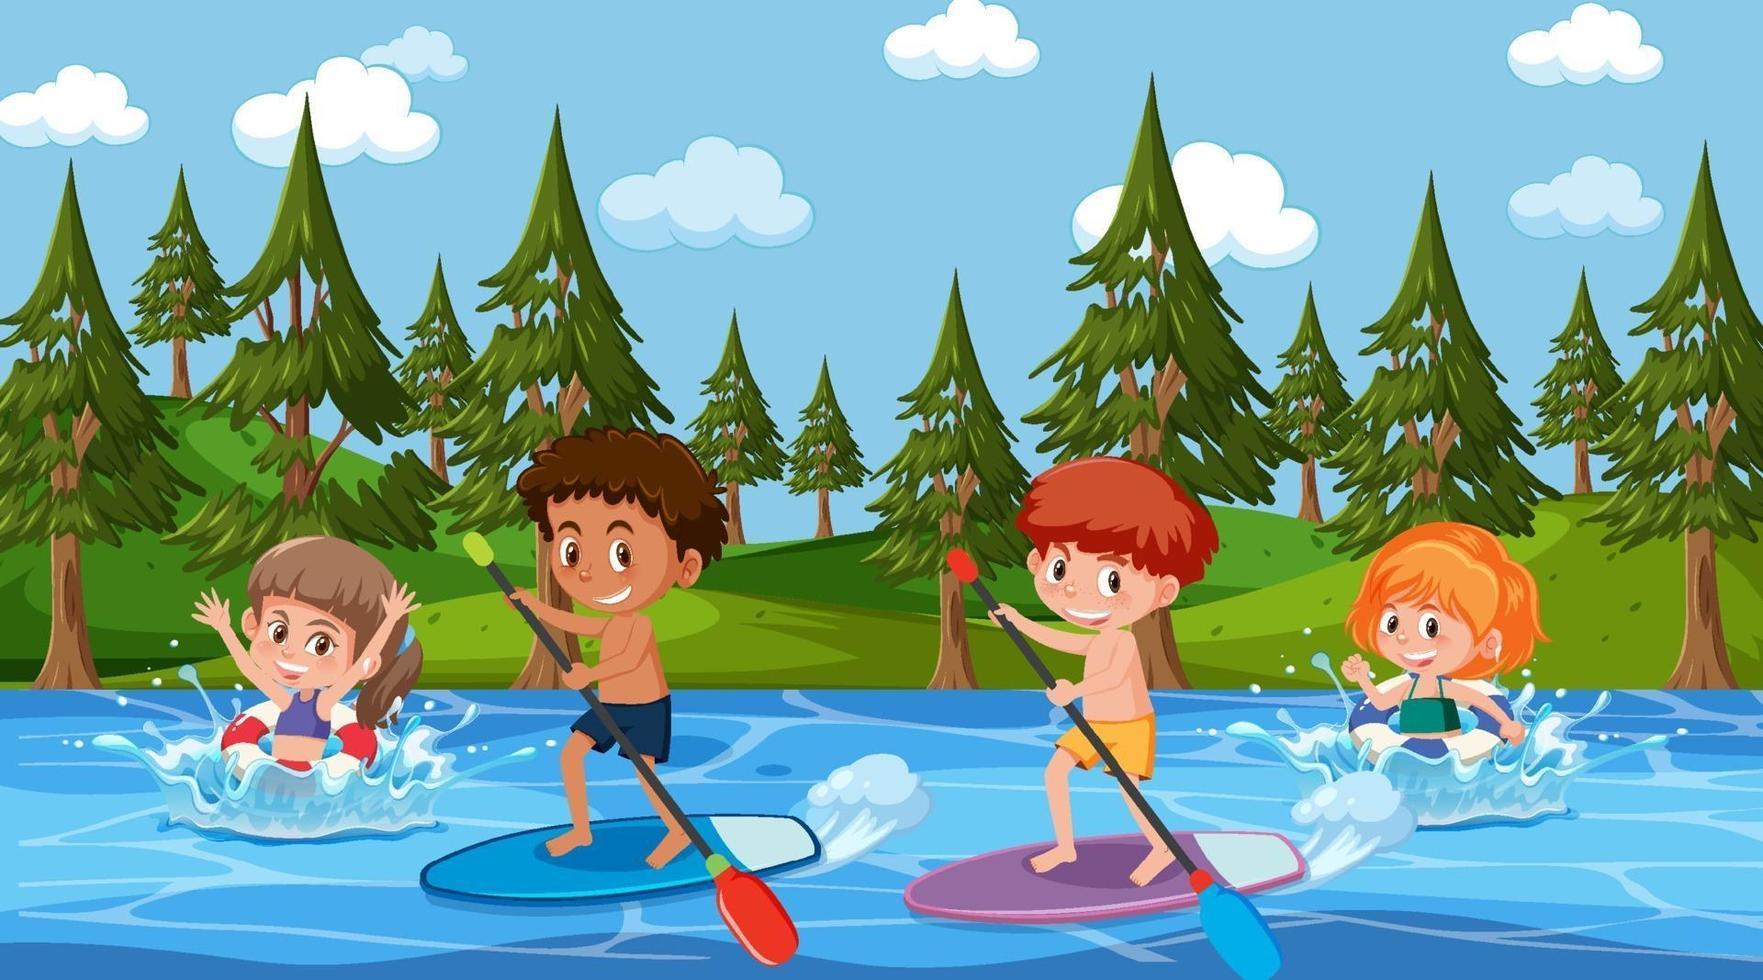 skogsscen med barn på surfbrädan i floden vektor